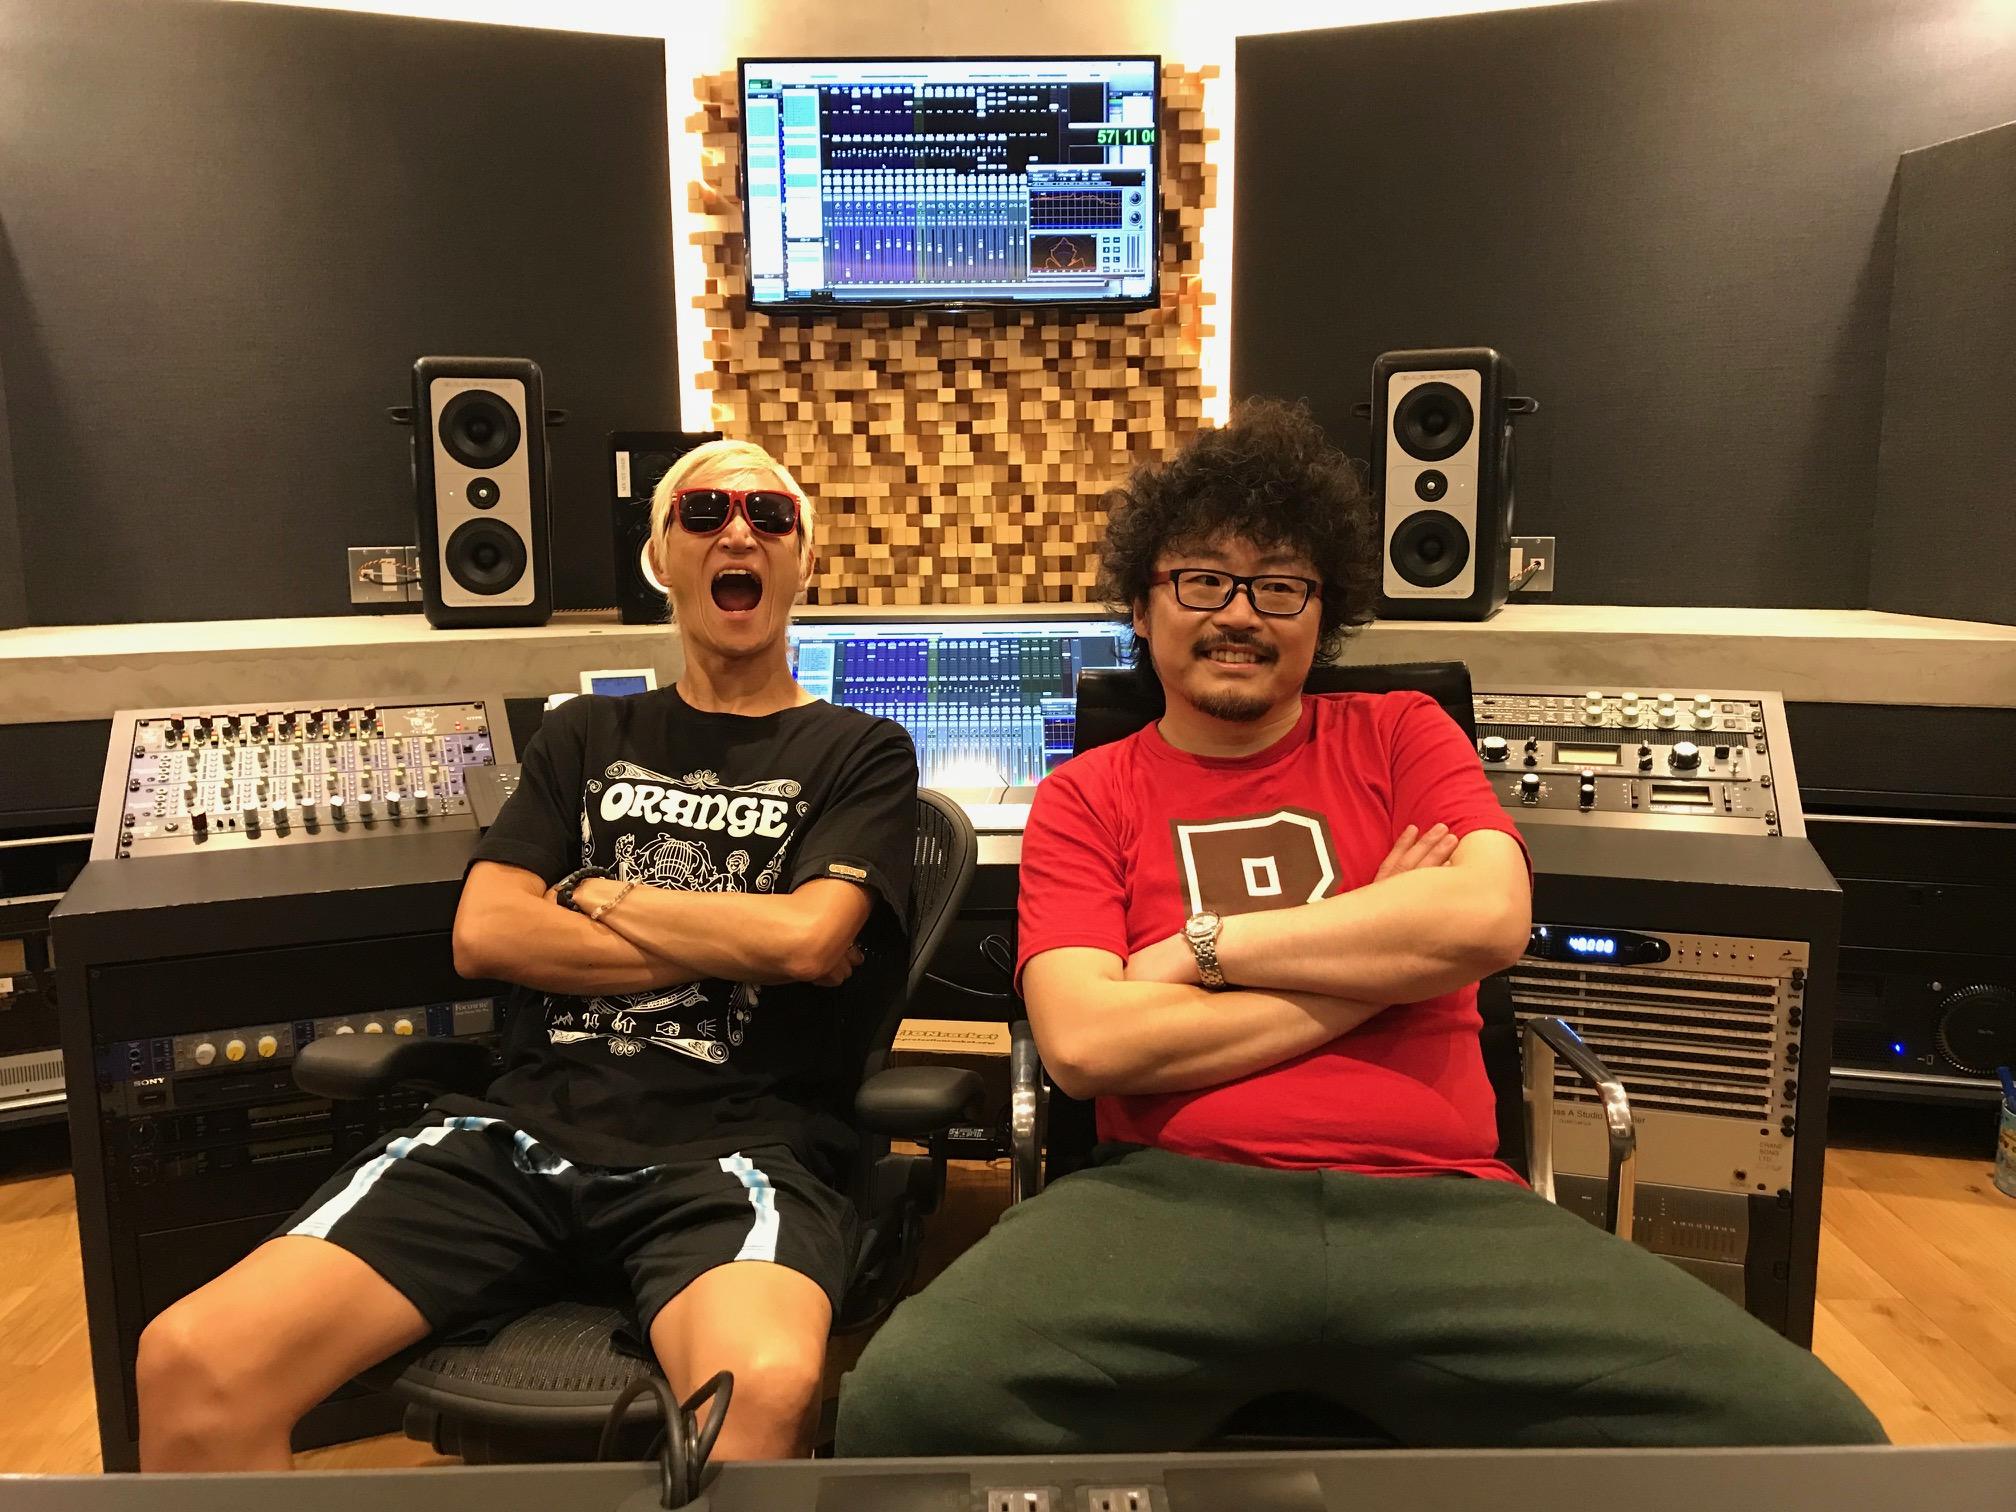 撮影で使用している国立音楽院レコーディングスタジオで腕を組みポーズをとる、たなしん氏と井上欽央講師。